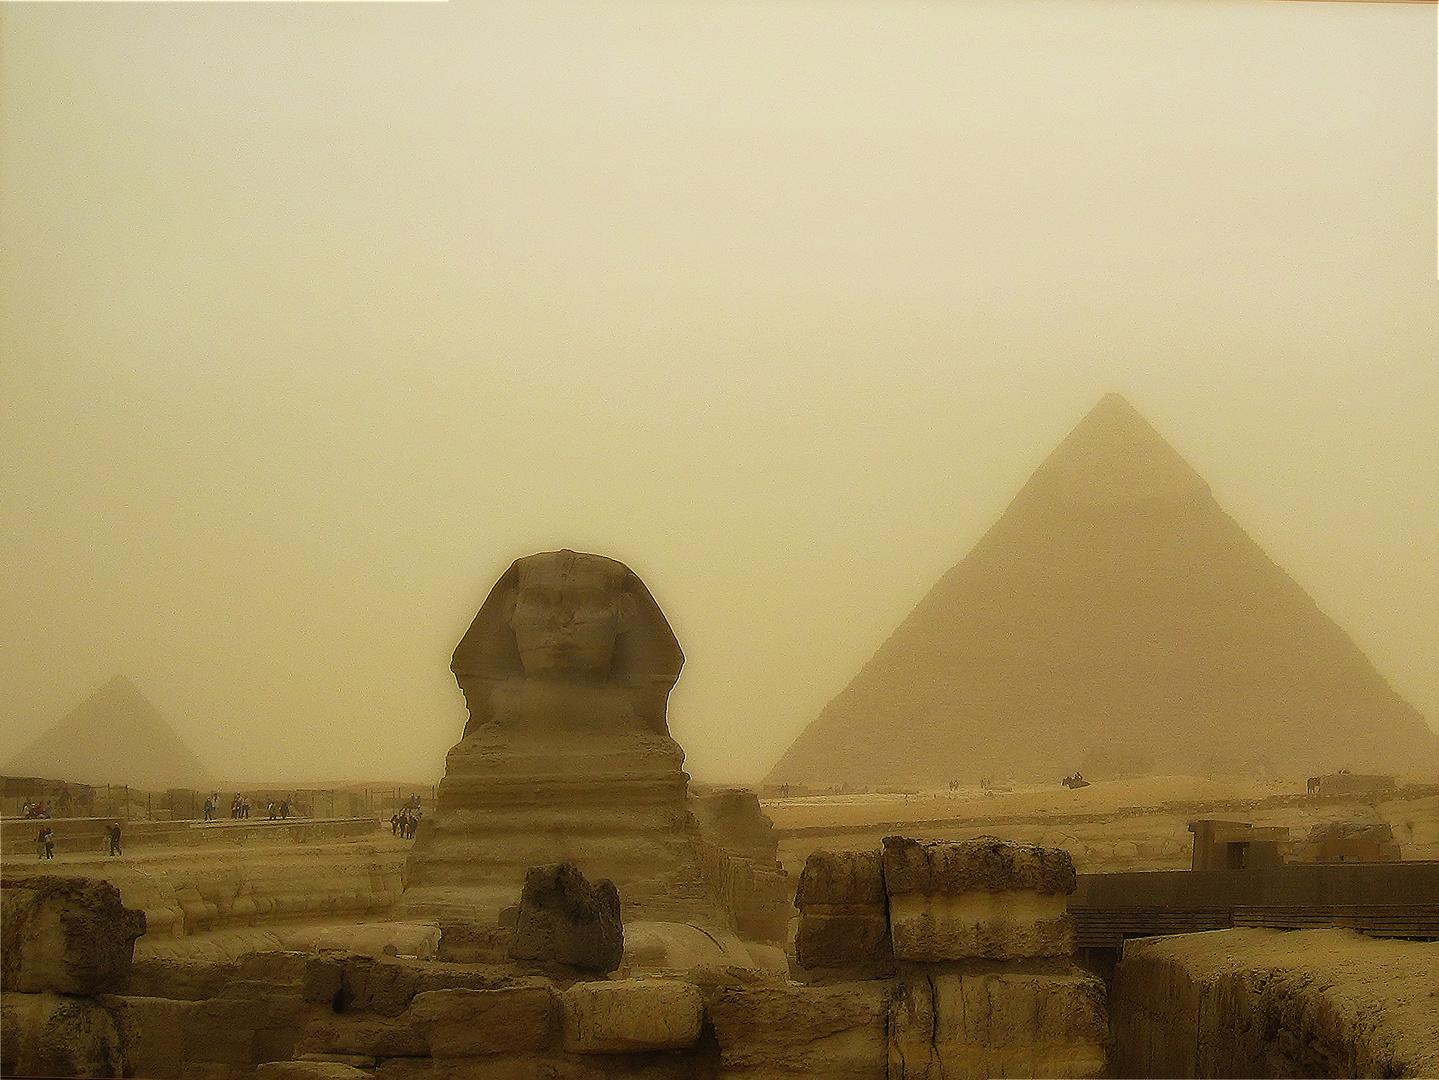 Die Sphinx im Sandsturm